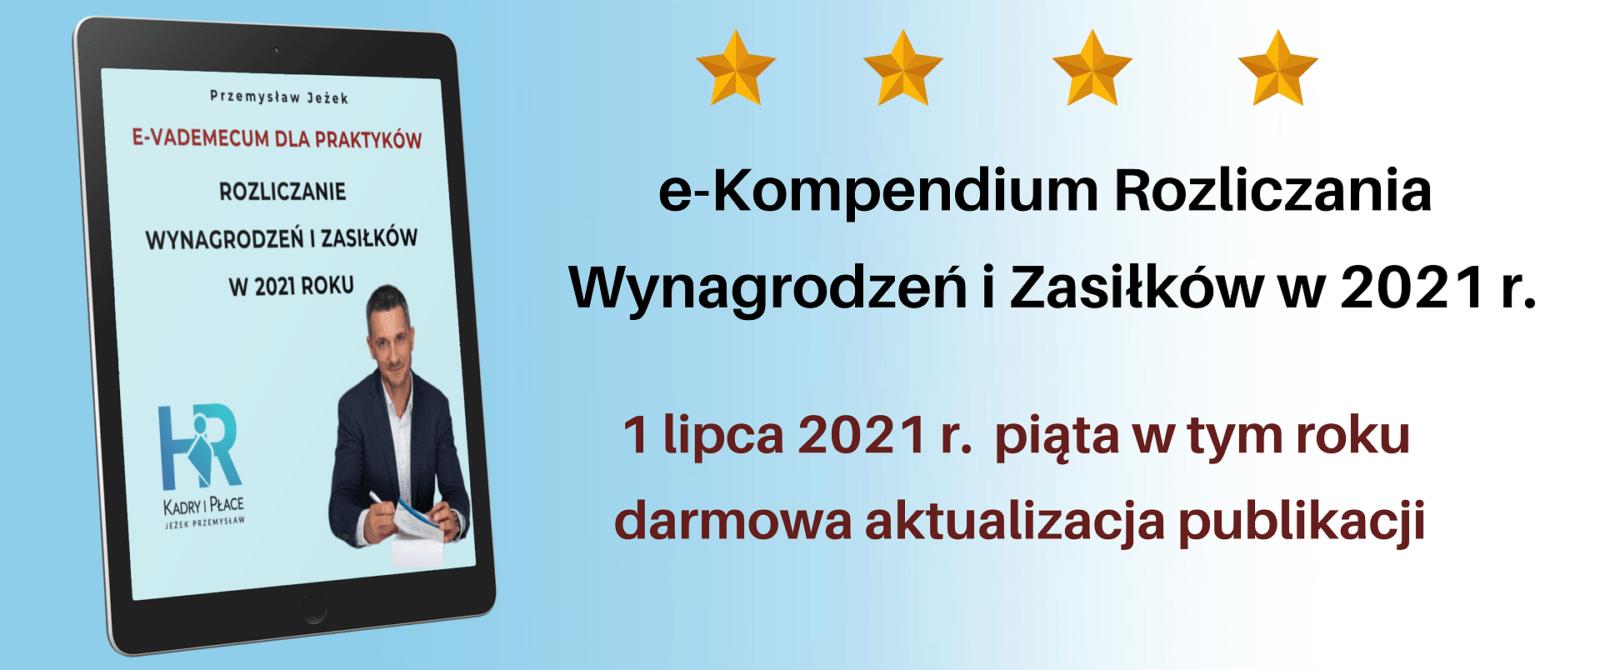 e Kompendium Rozliczania Wynagrodzen i Zasilkow w 2021 r. 5